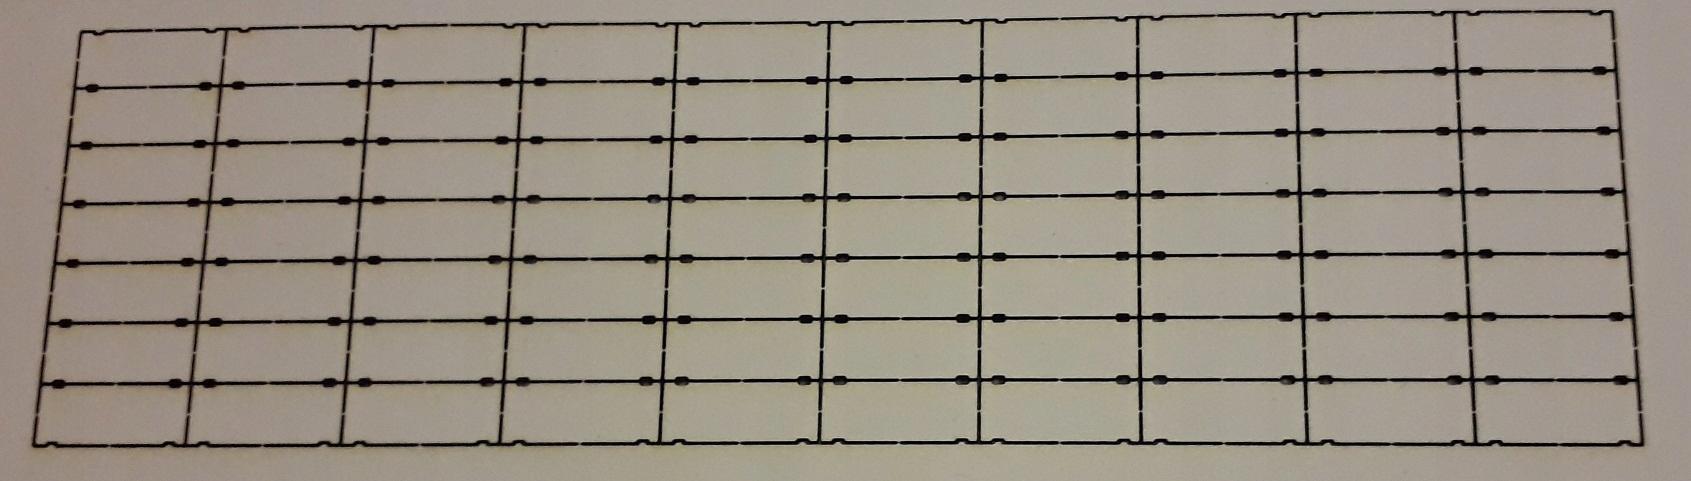 Плиты дорожные бетонные 300х120 1: 120 А -70 шт.